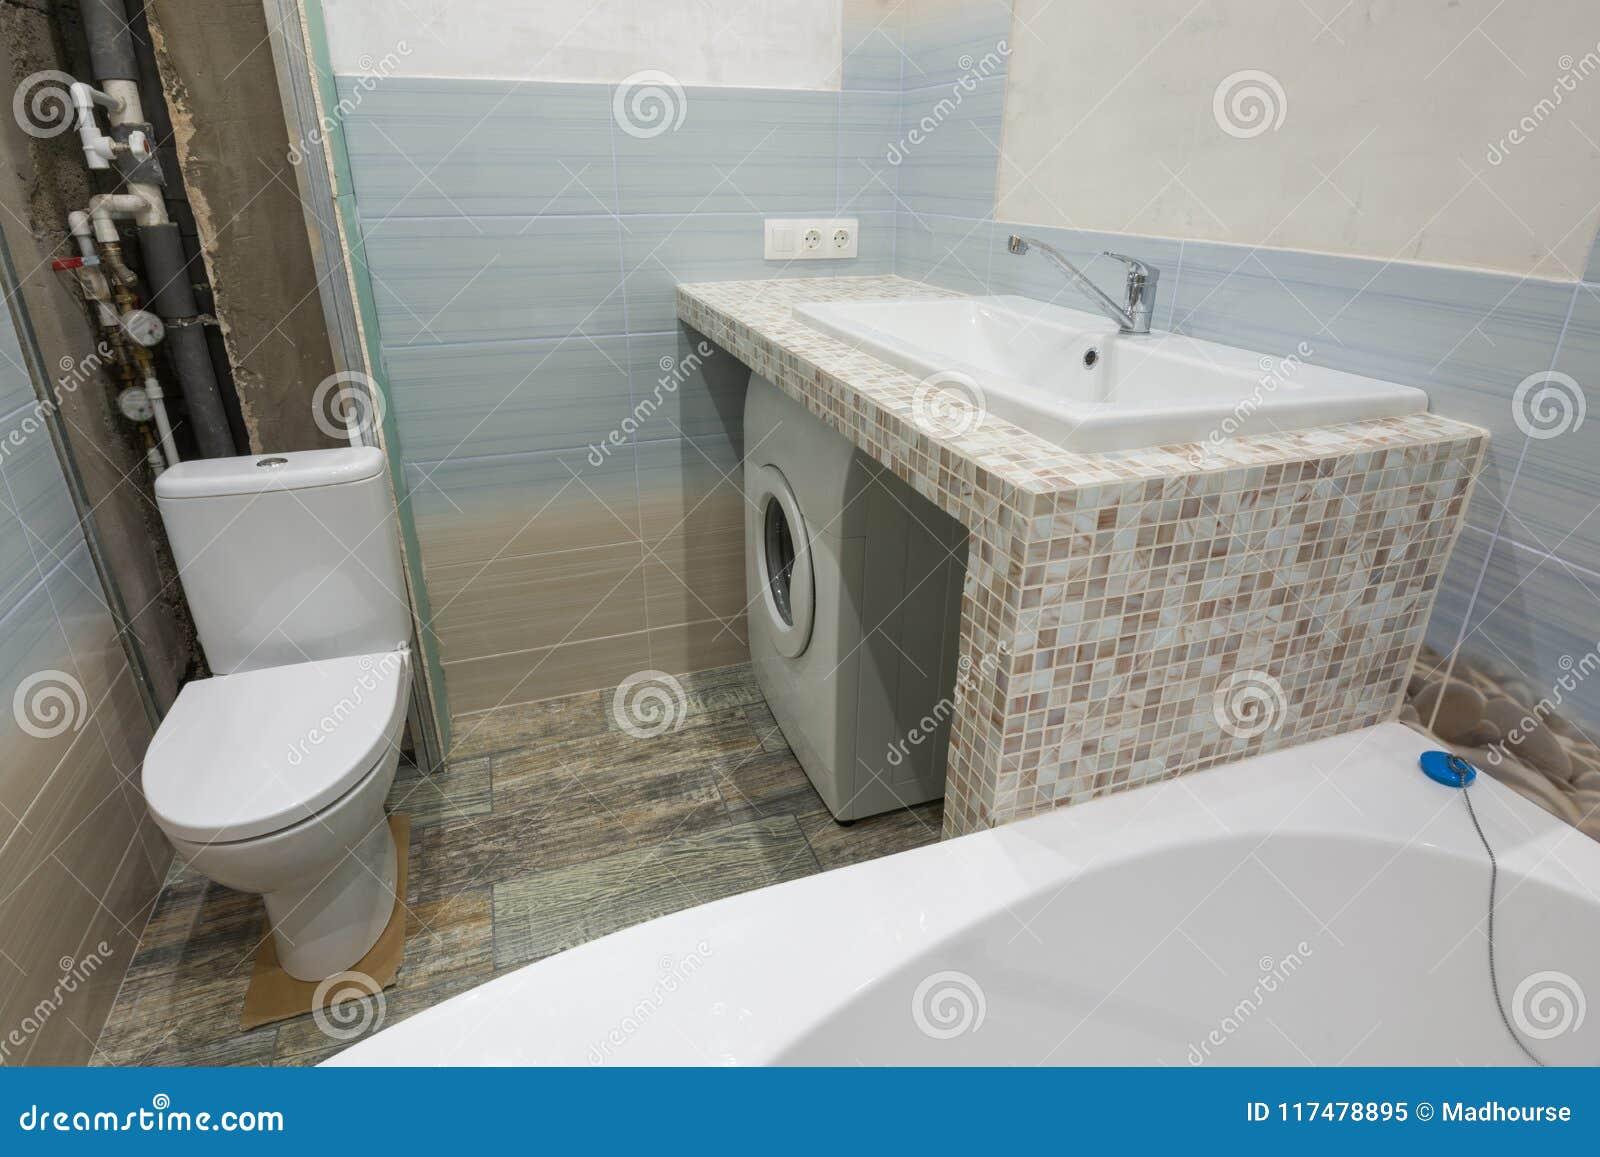 Lavadora Con Lavabo.Reparaciones Inacabadas En Cuarto De Bano Un Pedestal